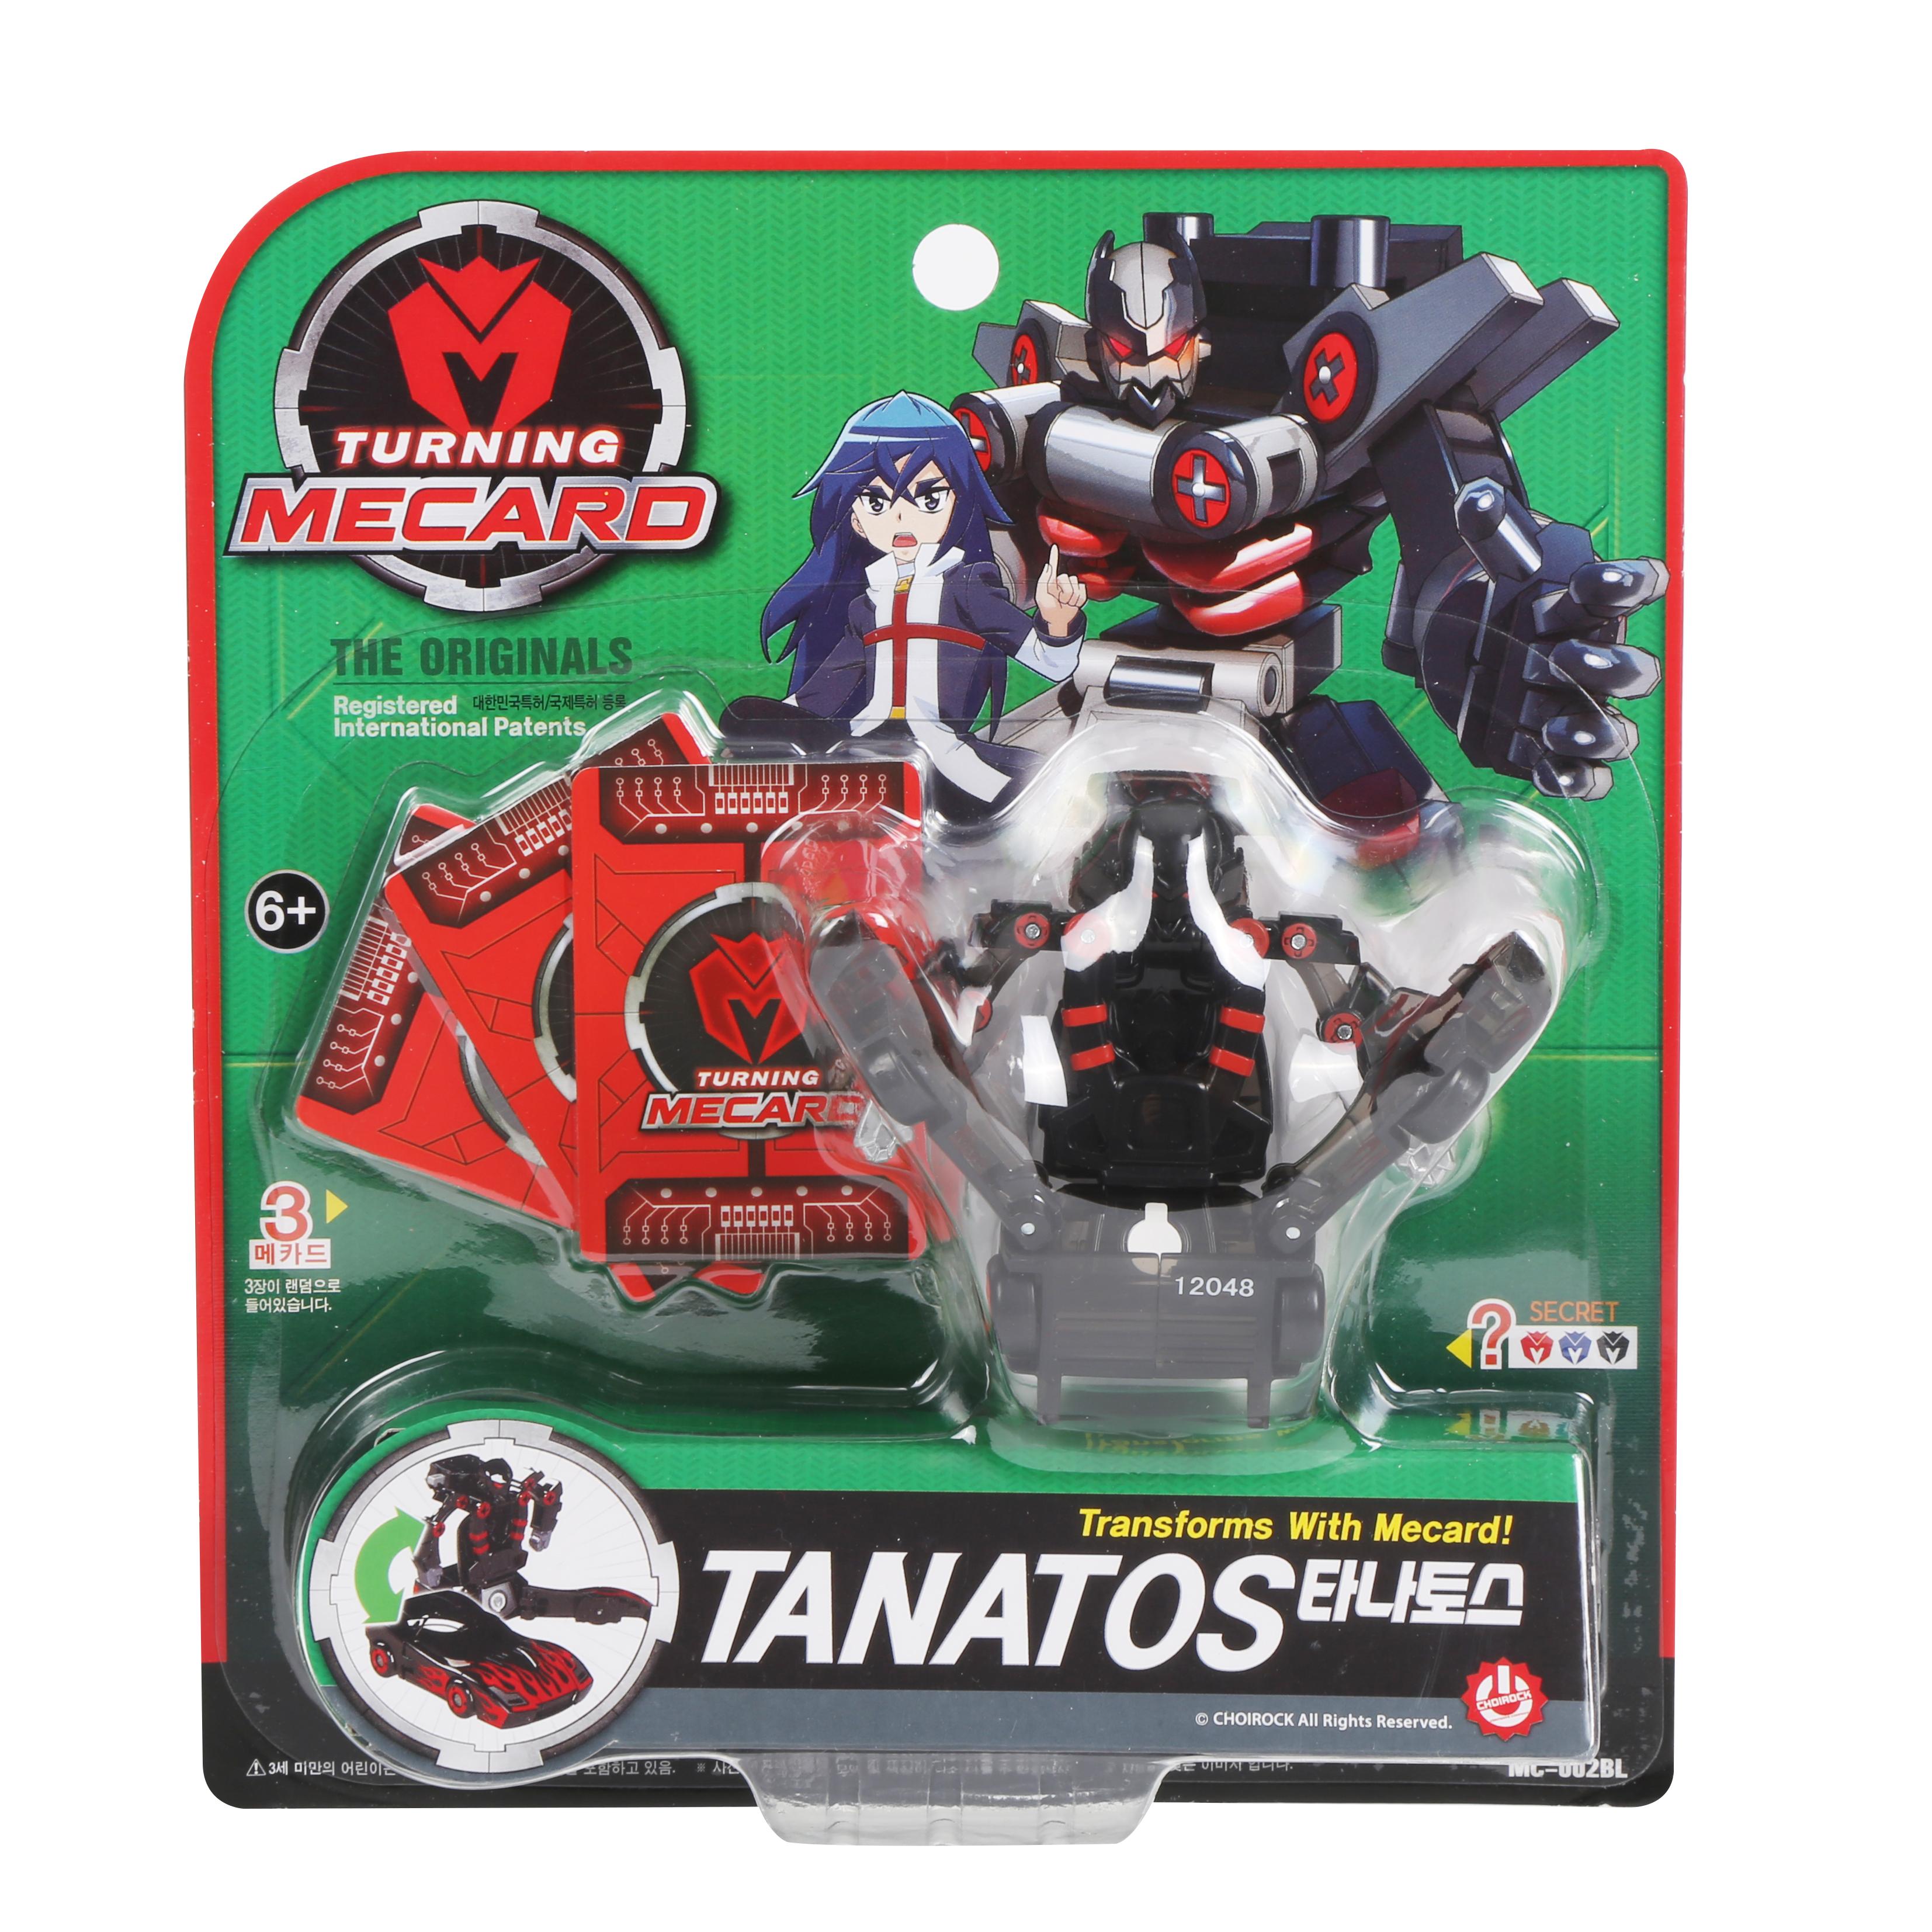 터닝메카드 타나토스 로봇장난감, 혼합색상